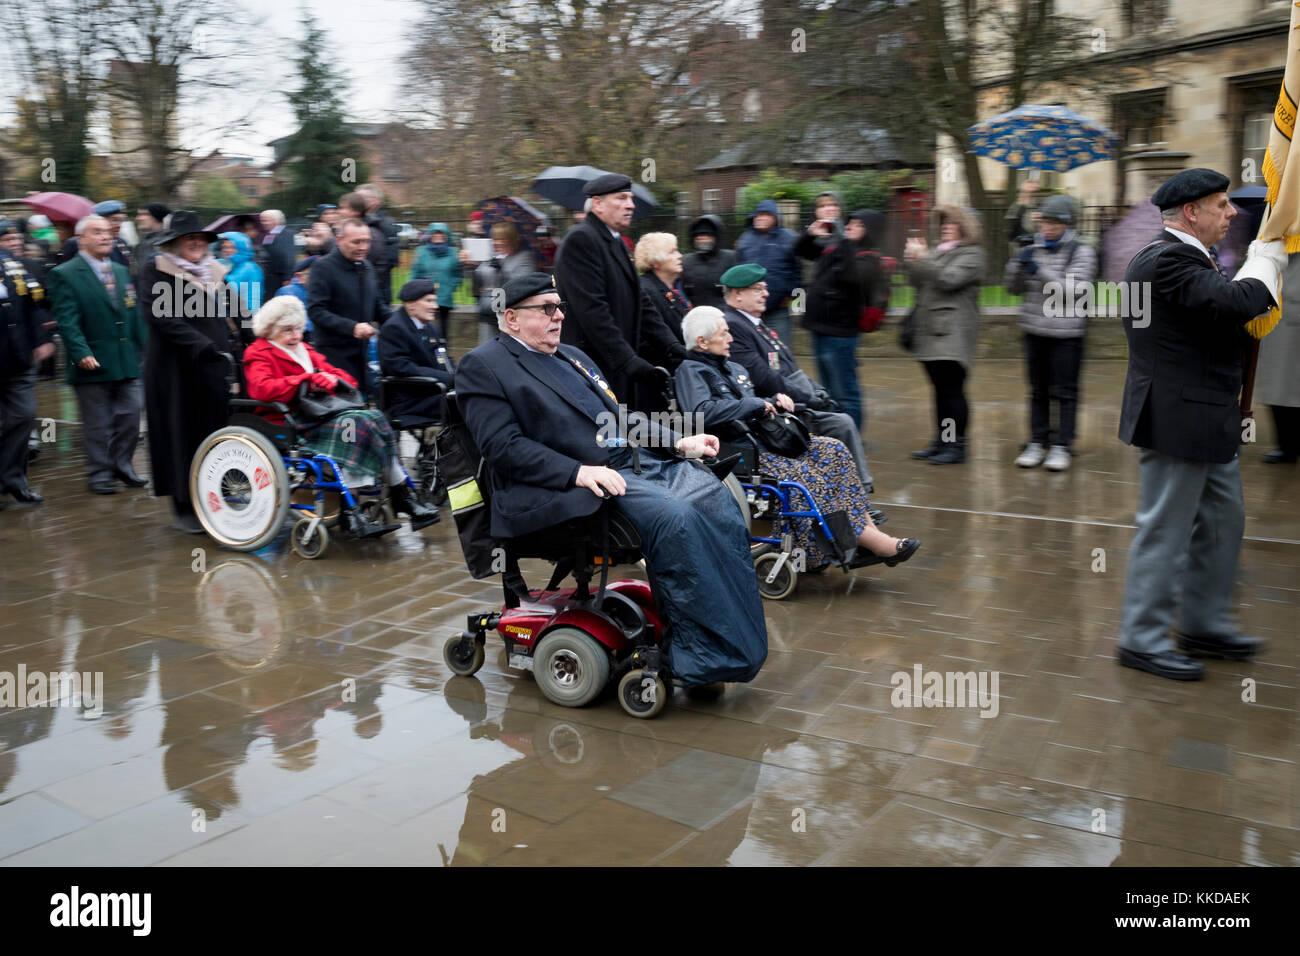 Desfile de veteranos británicos en lluvia fuera de York Minster conmemora 50º aniversario de la retirada Imagen De Stock